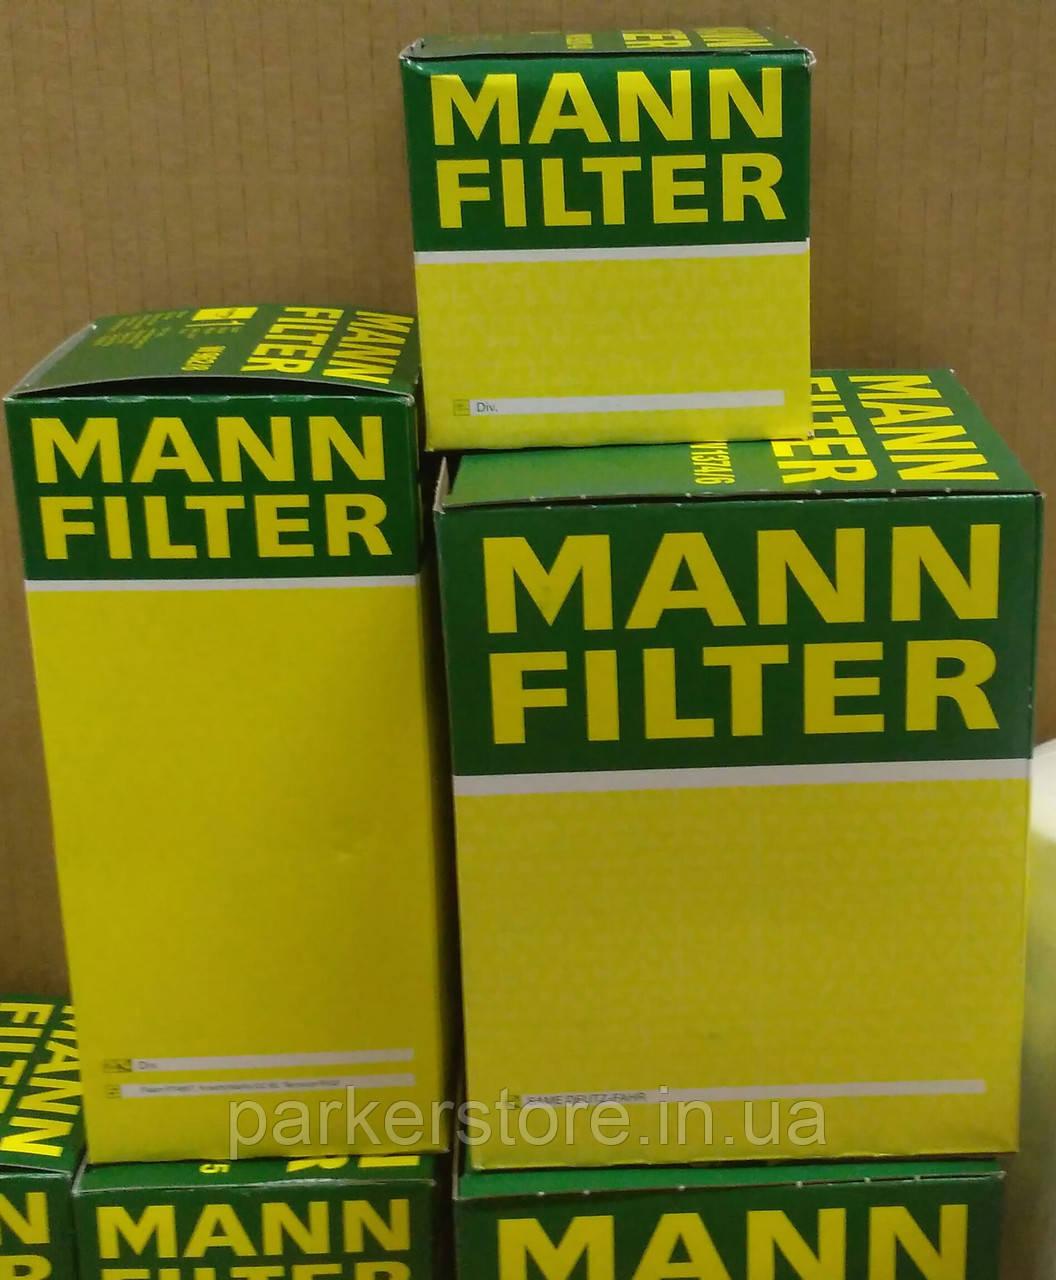 MANN FILTER / Повітряний фільтр / C 16 150 / C16150